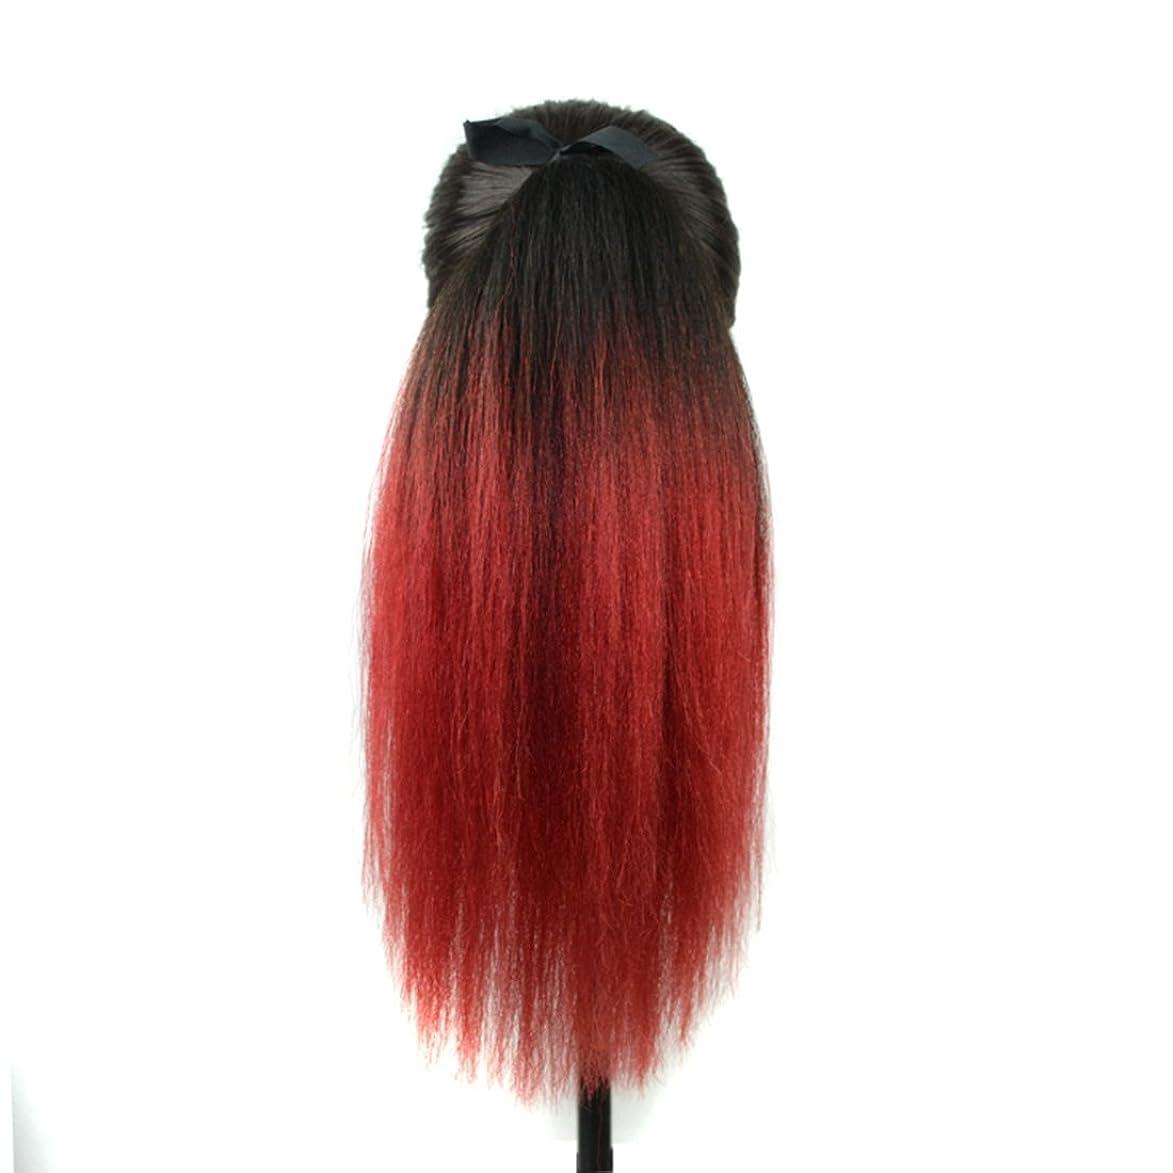 愚かなこっそり単語Doyvanntgo 短い混合リアルヘアピースポニーテールナチュラルカラーブラックグラデーションレッドふわふわストレートヘアエクステンションウィッグ (Color : Black gradient big red)